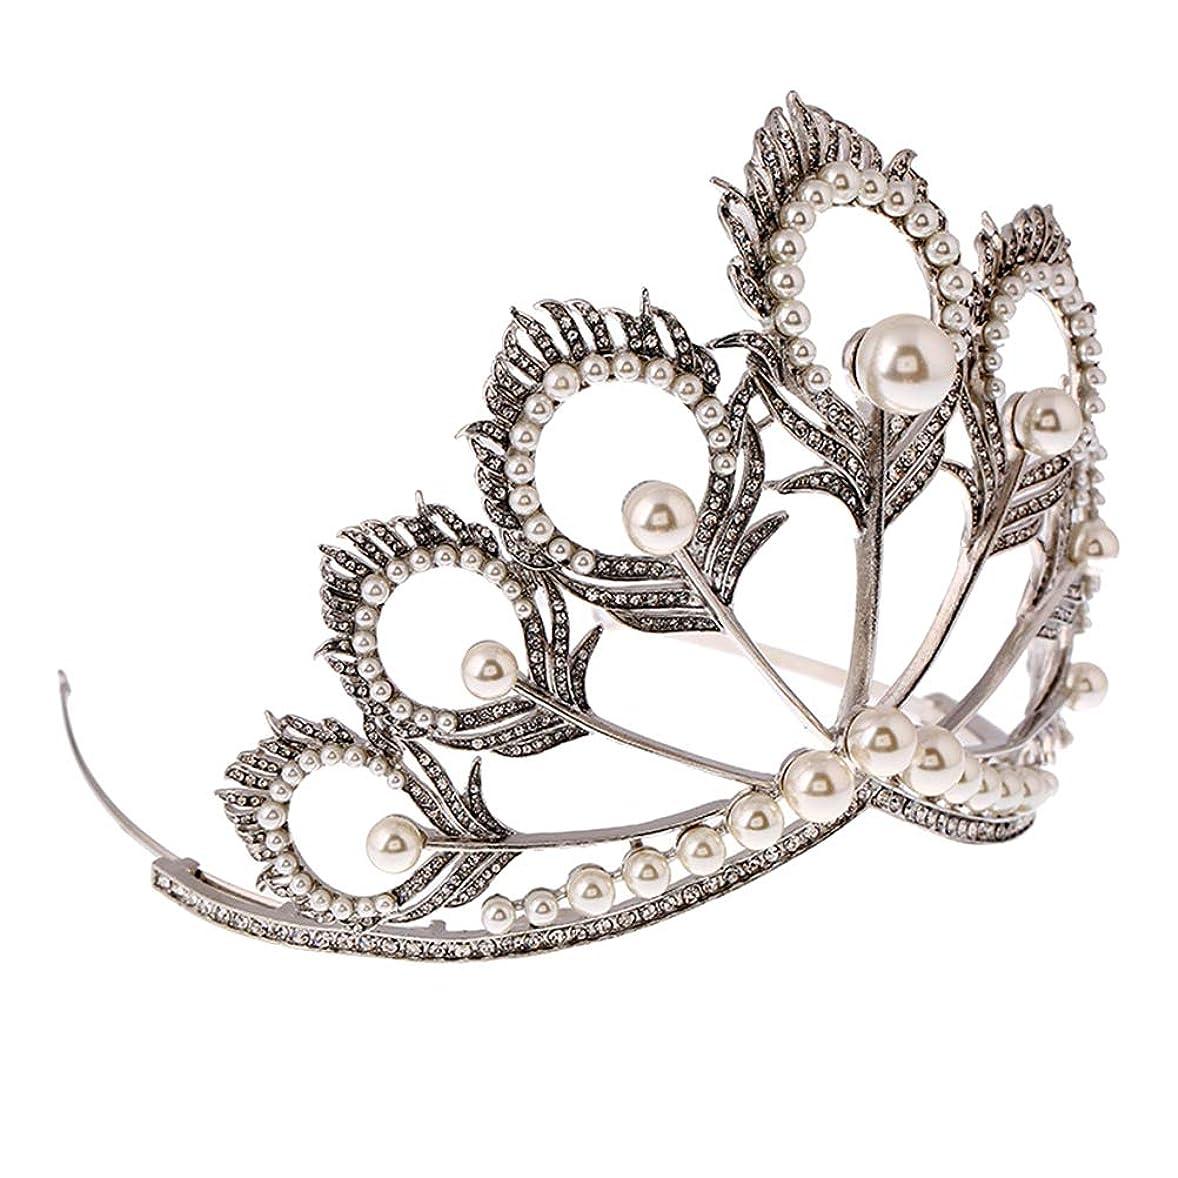 マッシュ沈黙感謝祭Lurrose 女性のための真珠の羽形のティアラ高級手作りクラウンとラインストーンクラウンピーコック